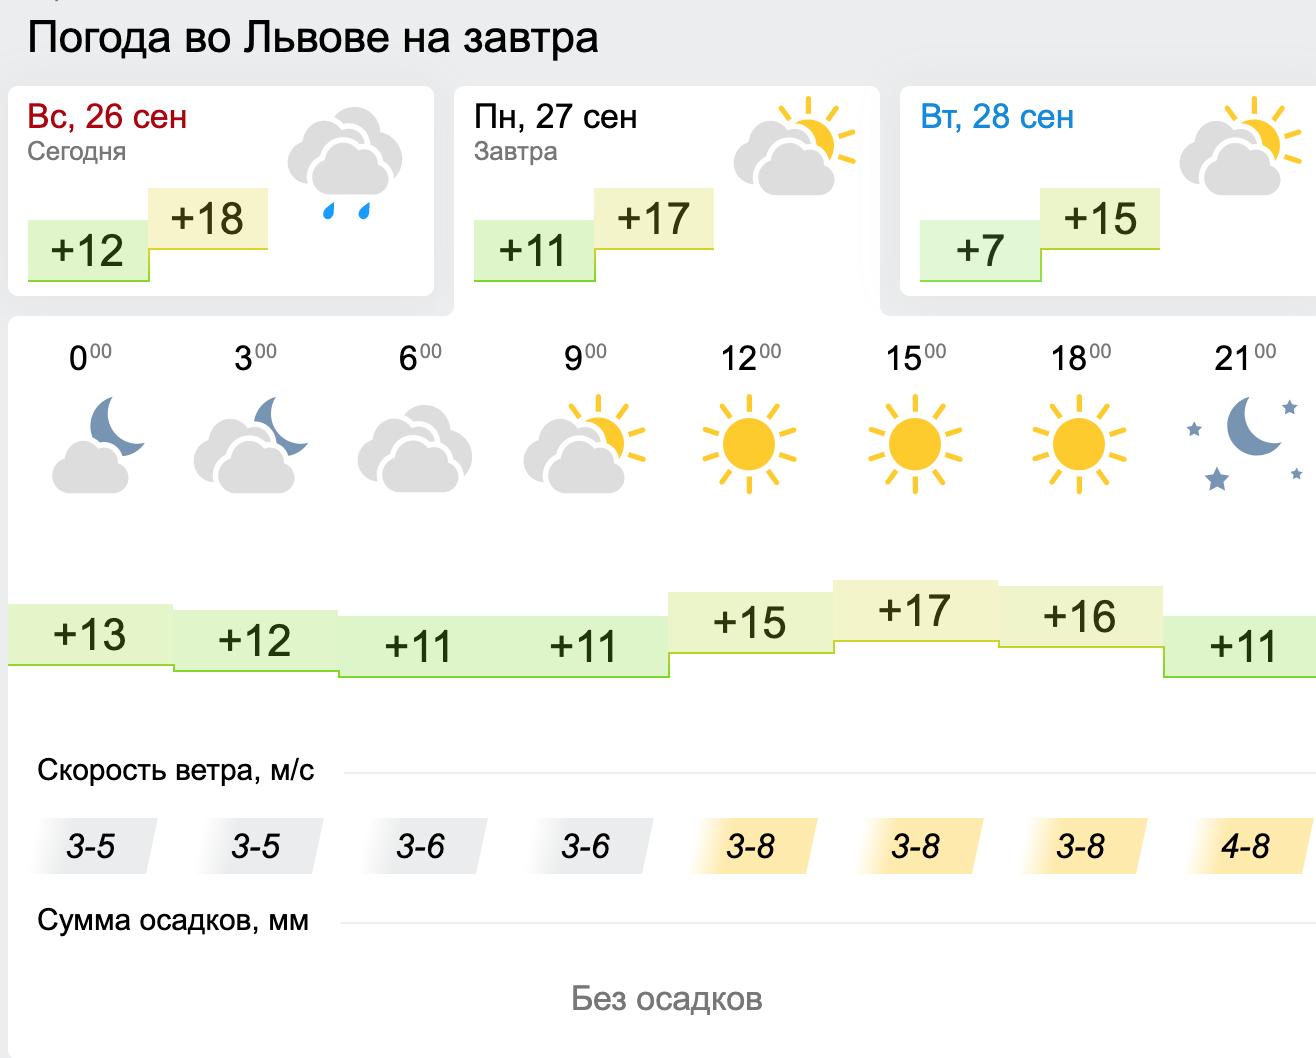 Погода во Львове. Карта: Gismeteo